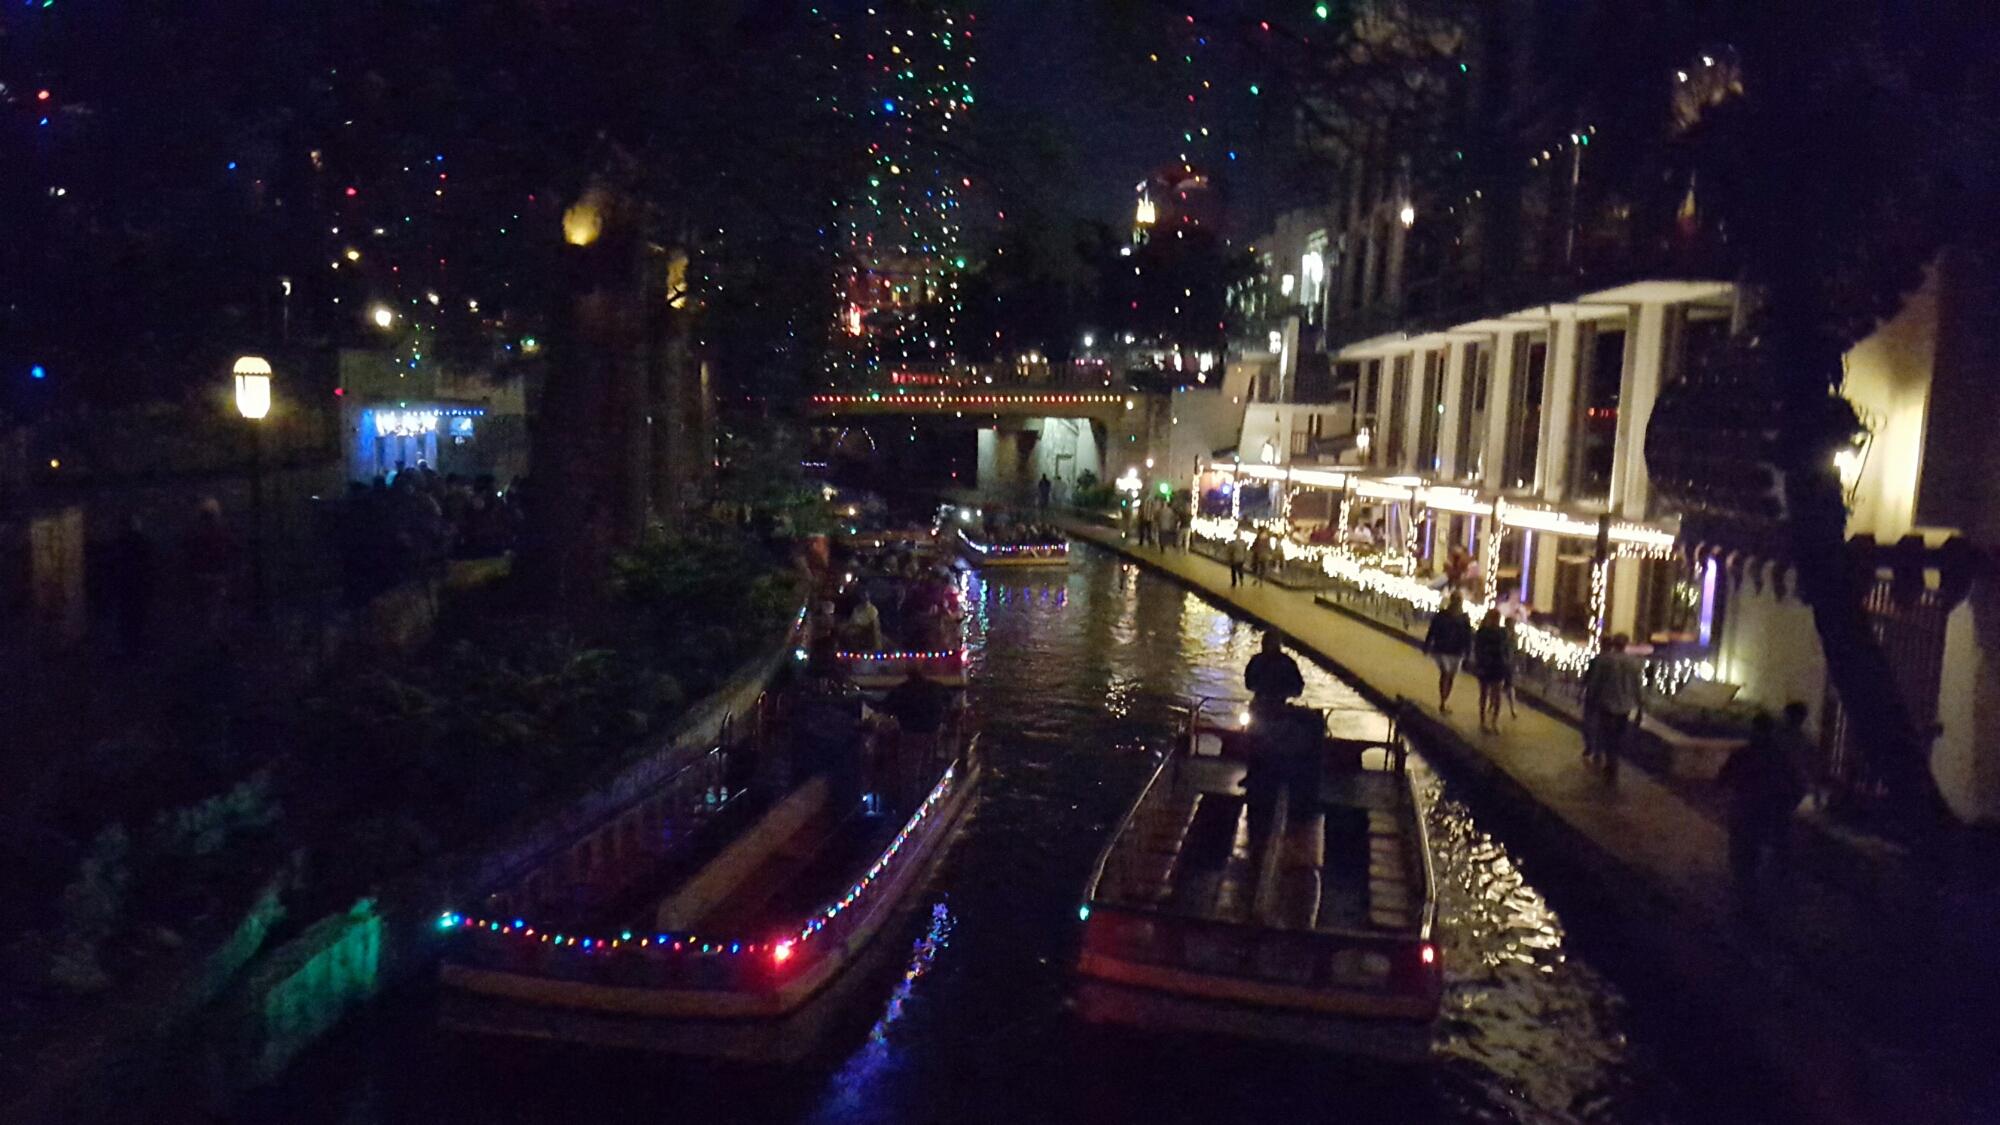 Riverwalk San Antonio Christmas.Christmas At San Antonio Riverwalk A Charming Evening And